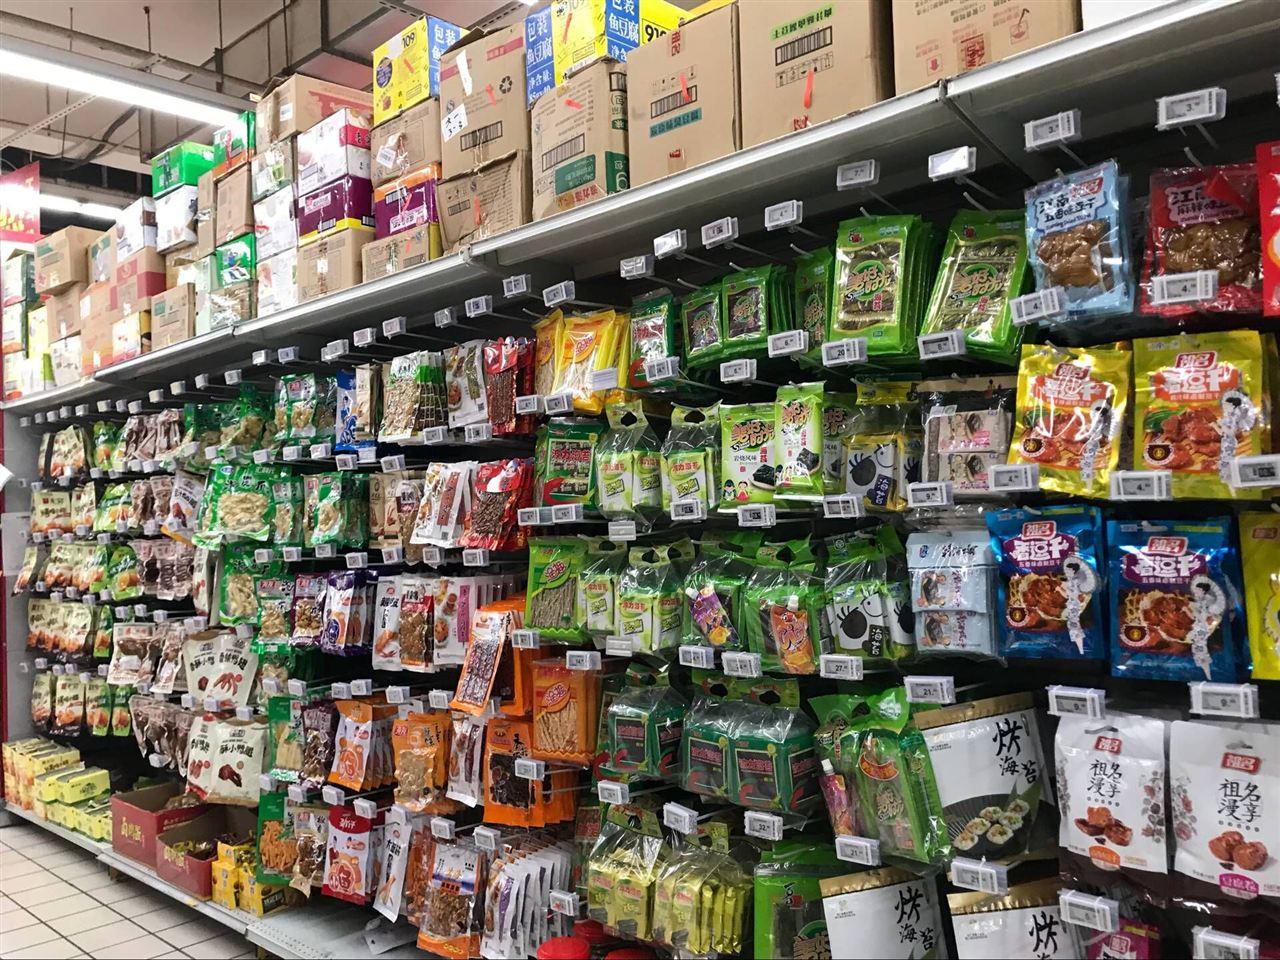 食品问题层出不穷 食品安全如何保障